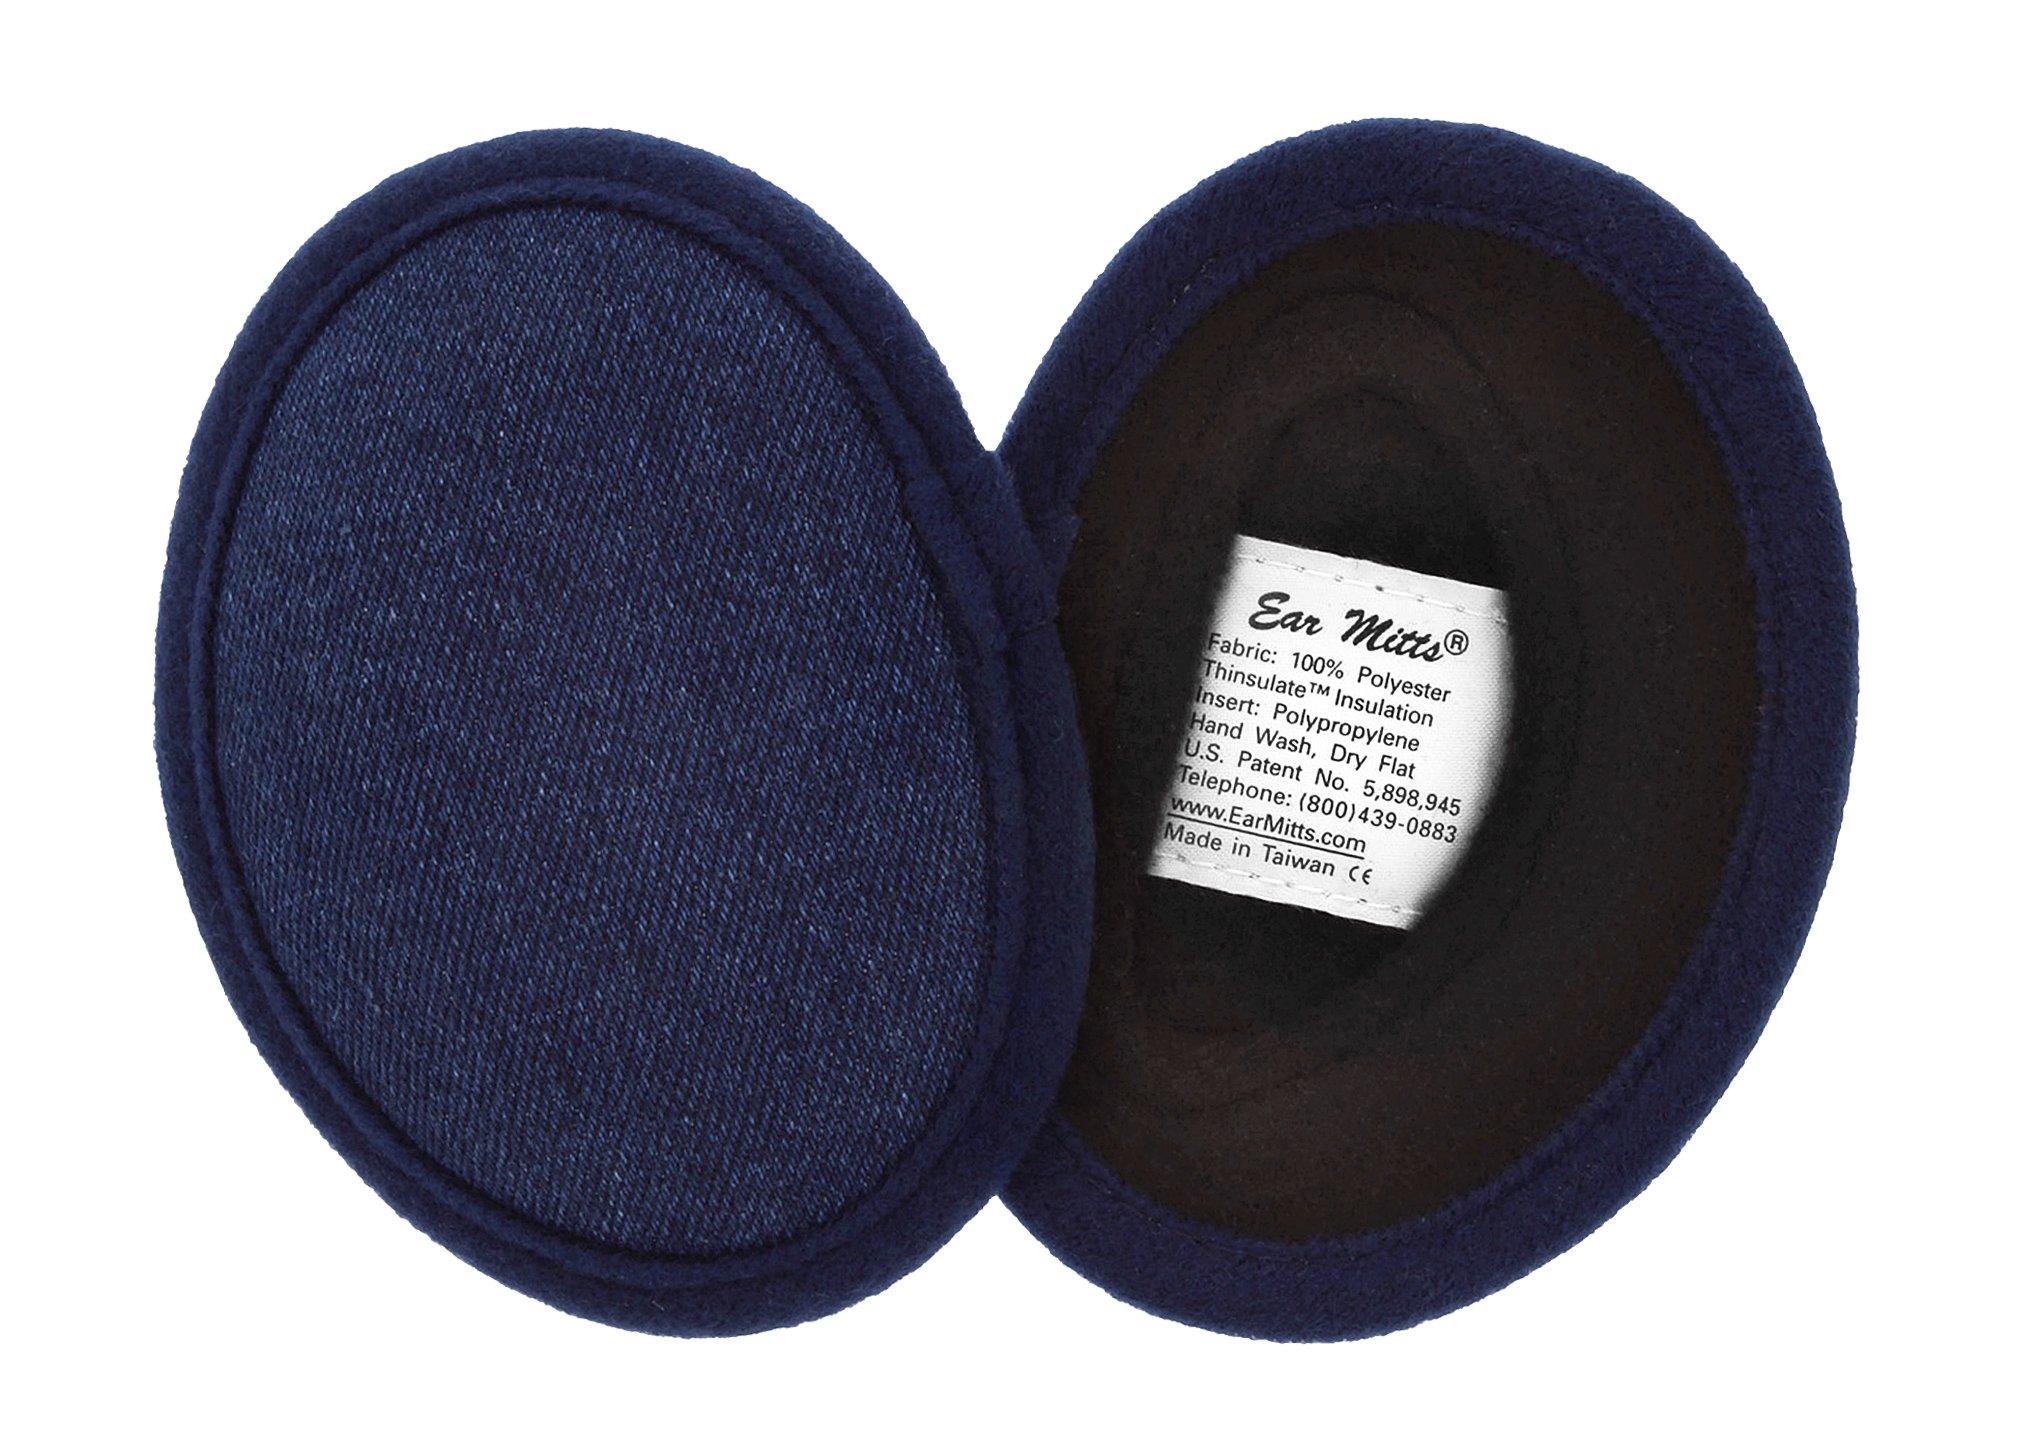 Ear Mitts Bandless Ear Muffs For Men & Women, Cotton Denim Ear Warmers, Regular